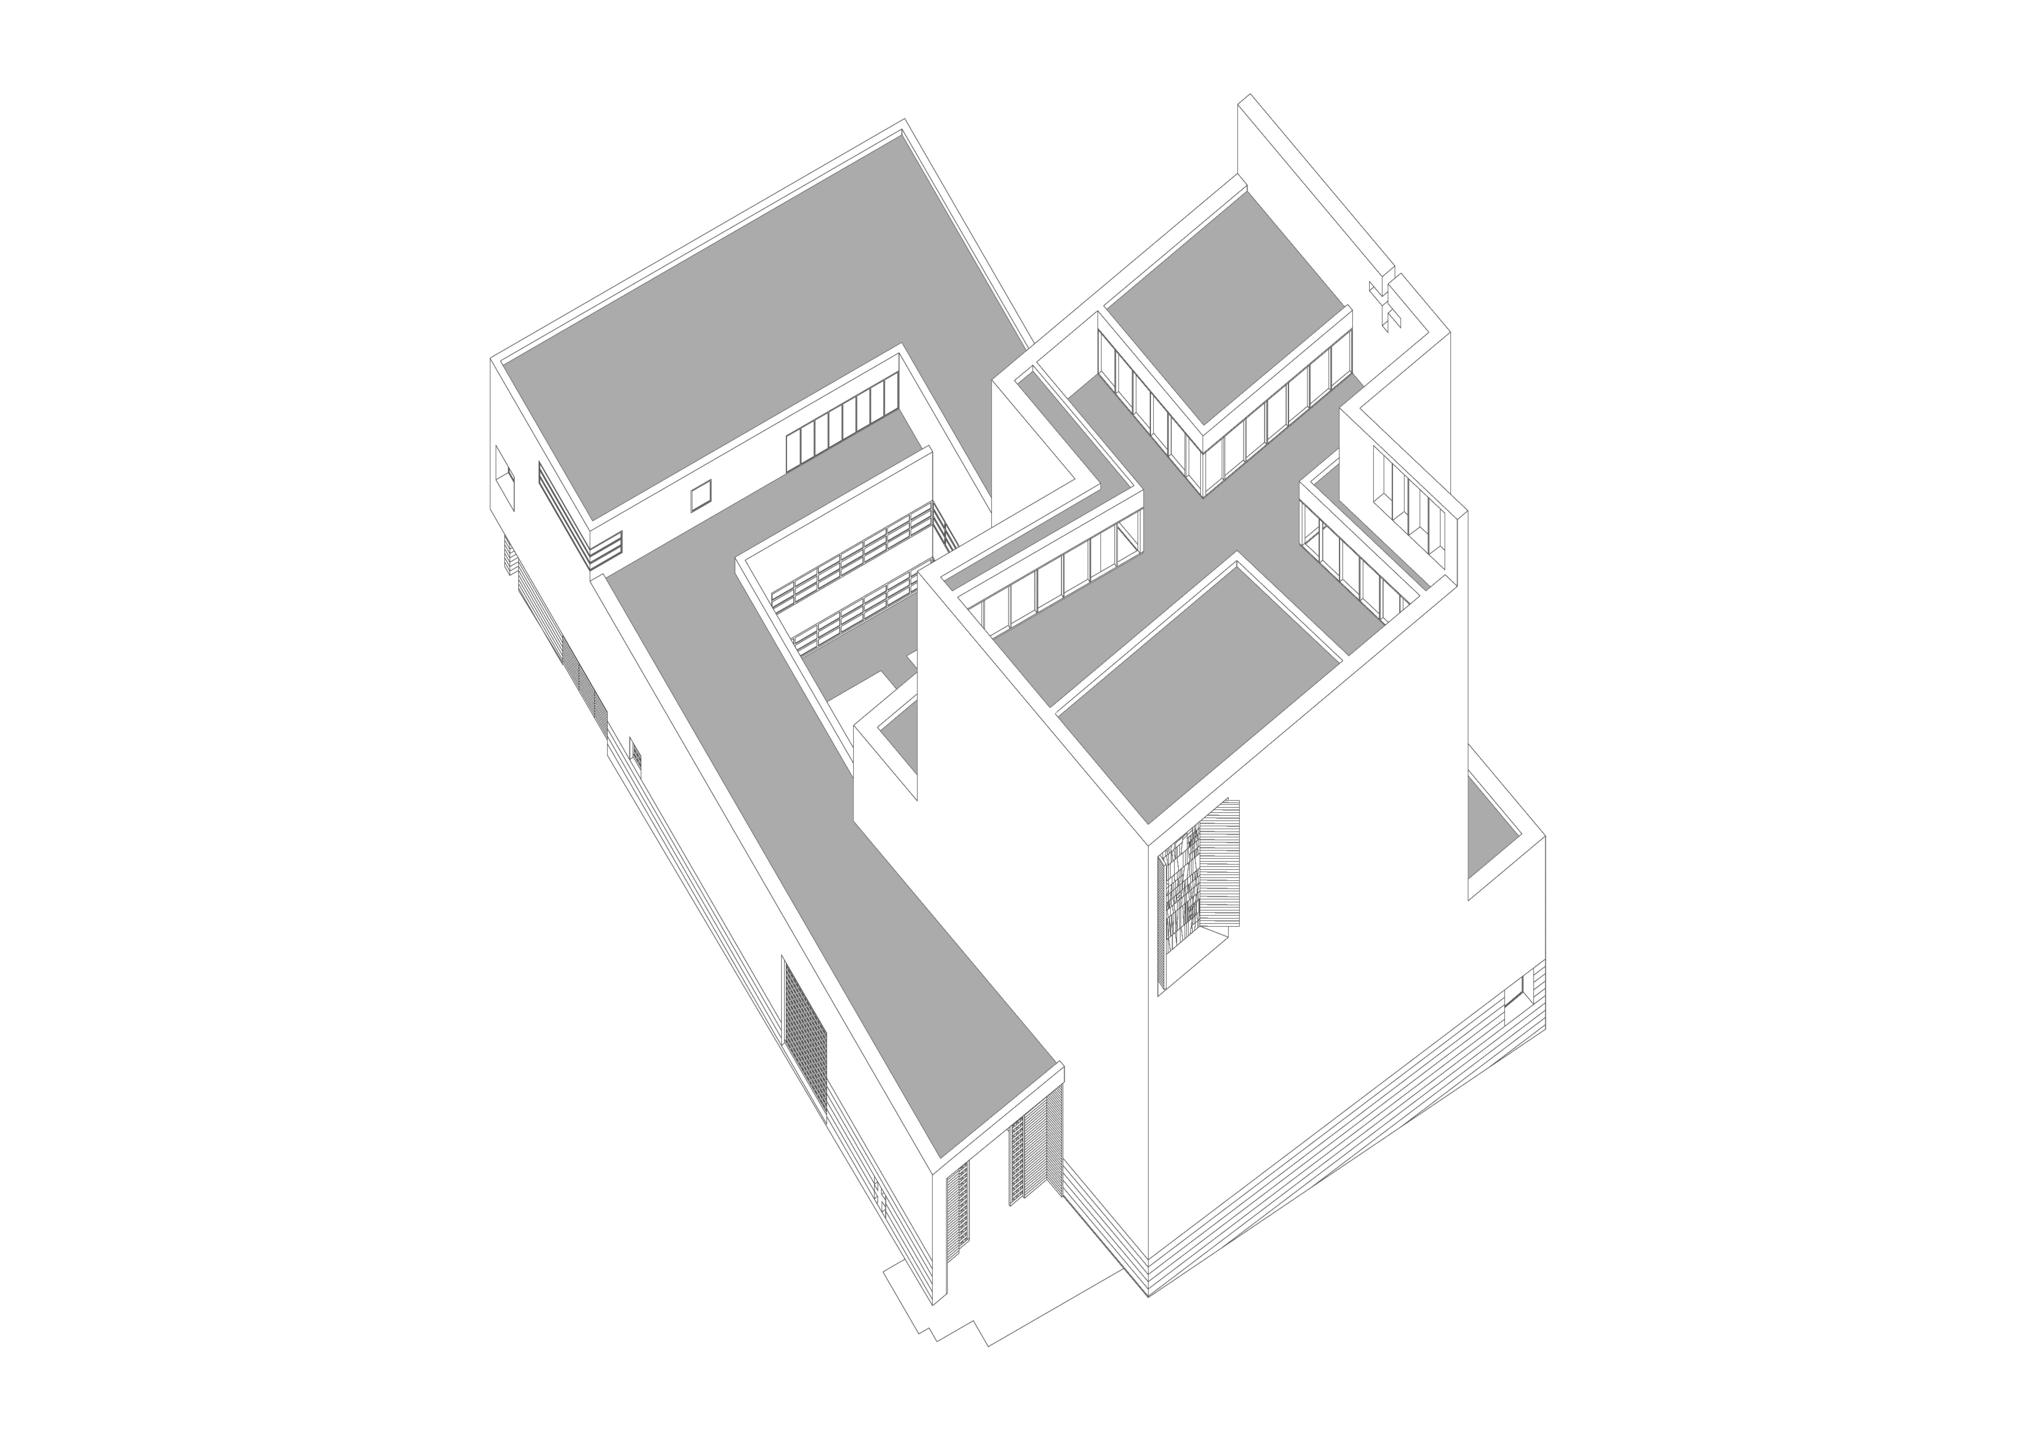 Assonometria del volume. In evidenza la croce che disegna la copertura e che definisce lo spazio interno.